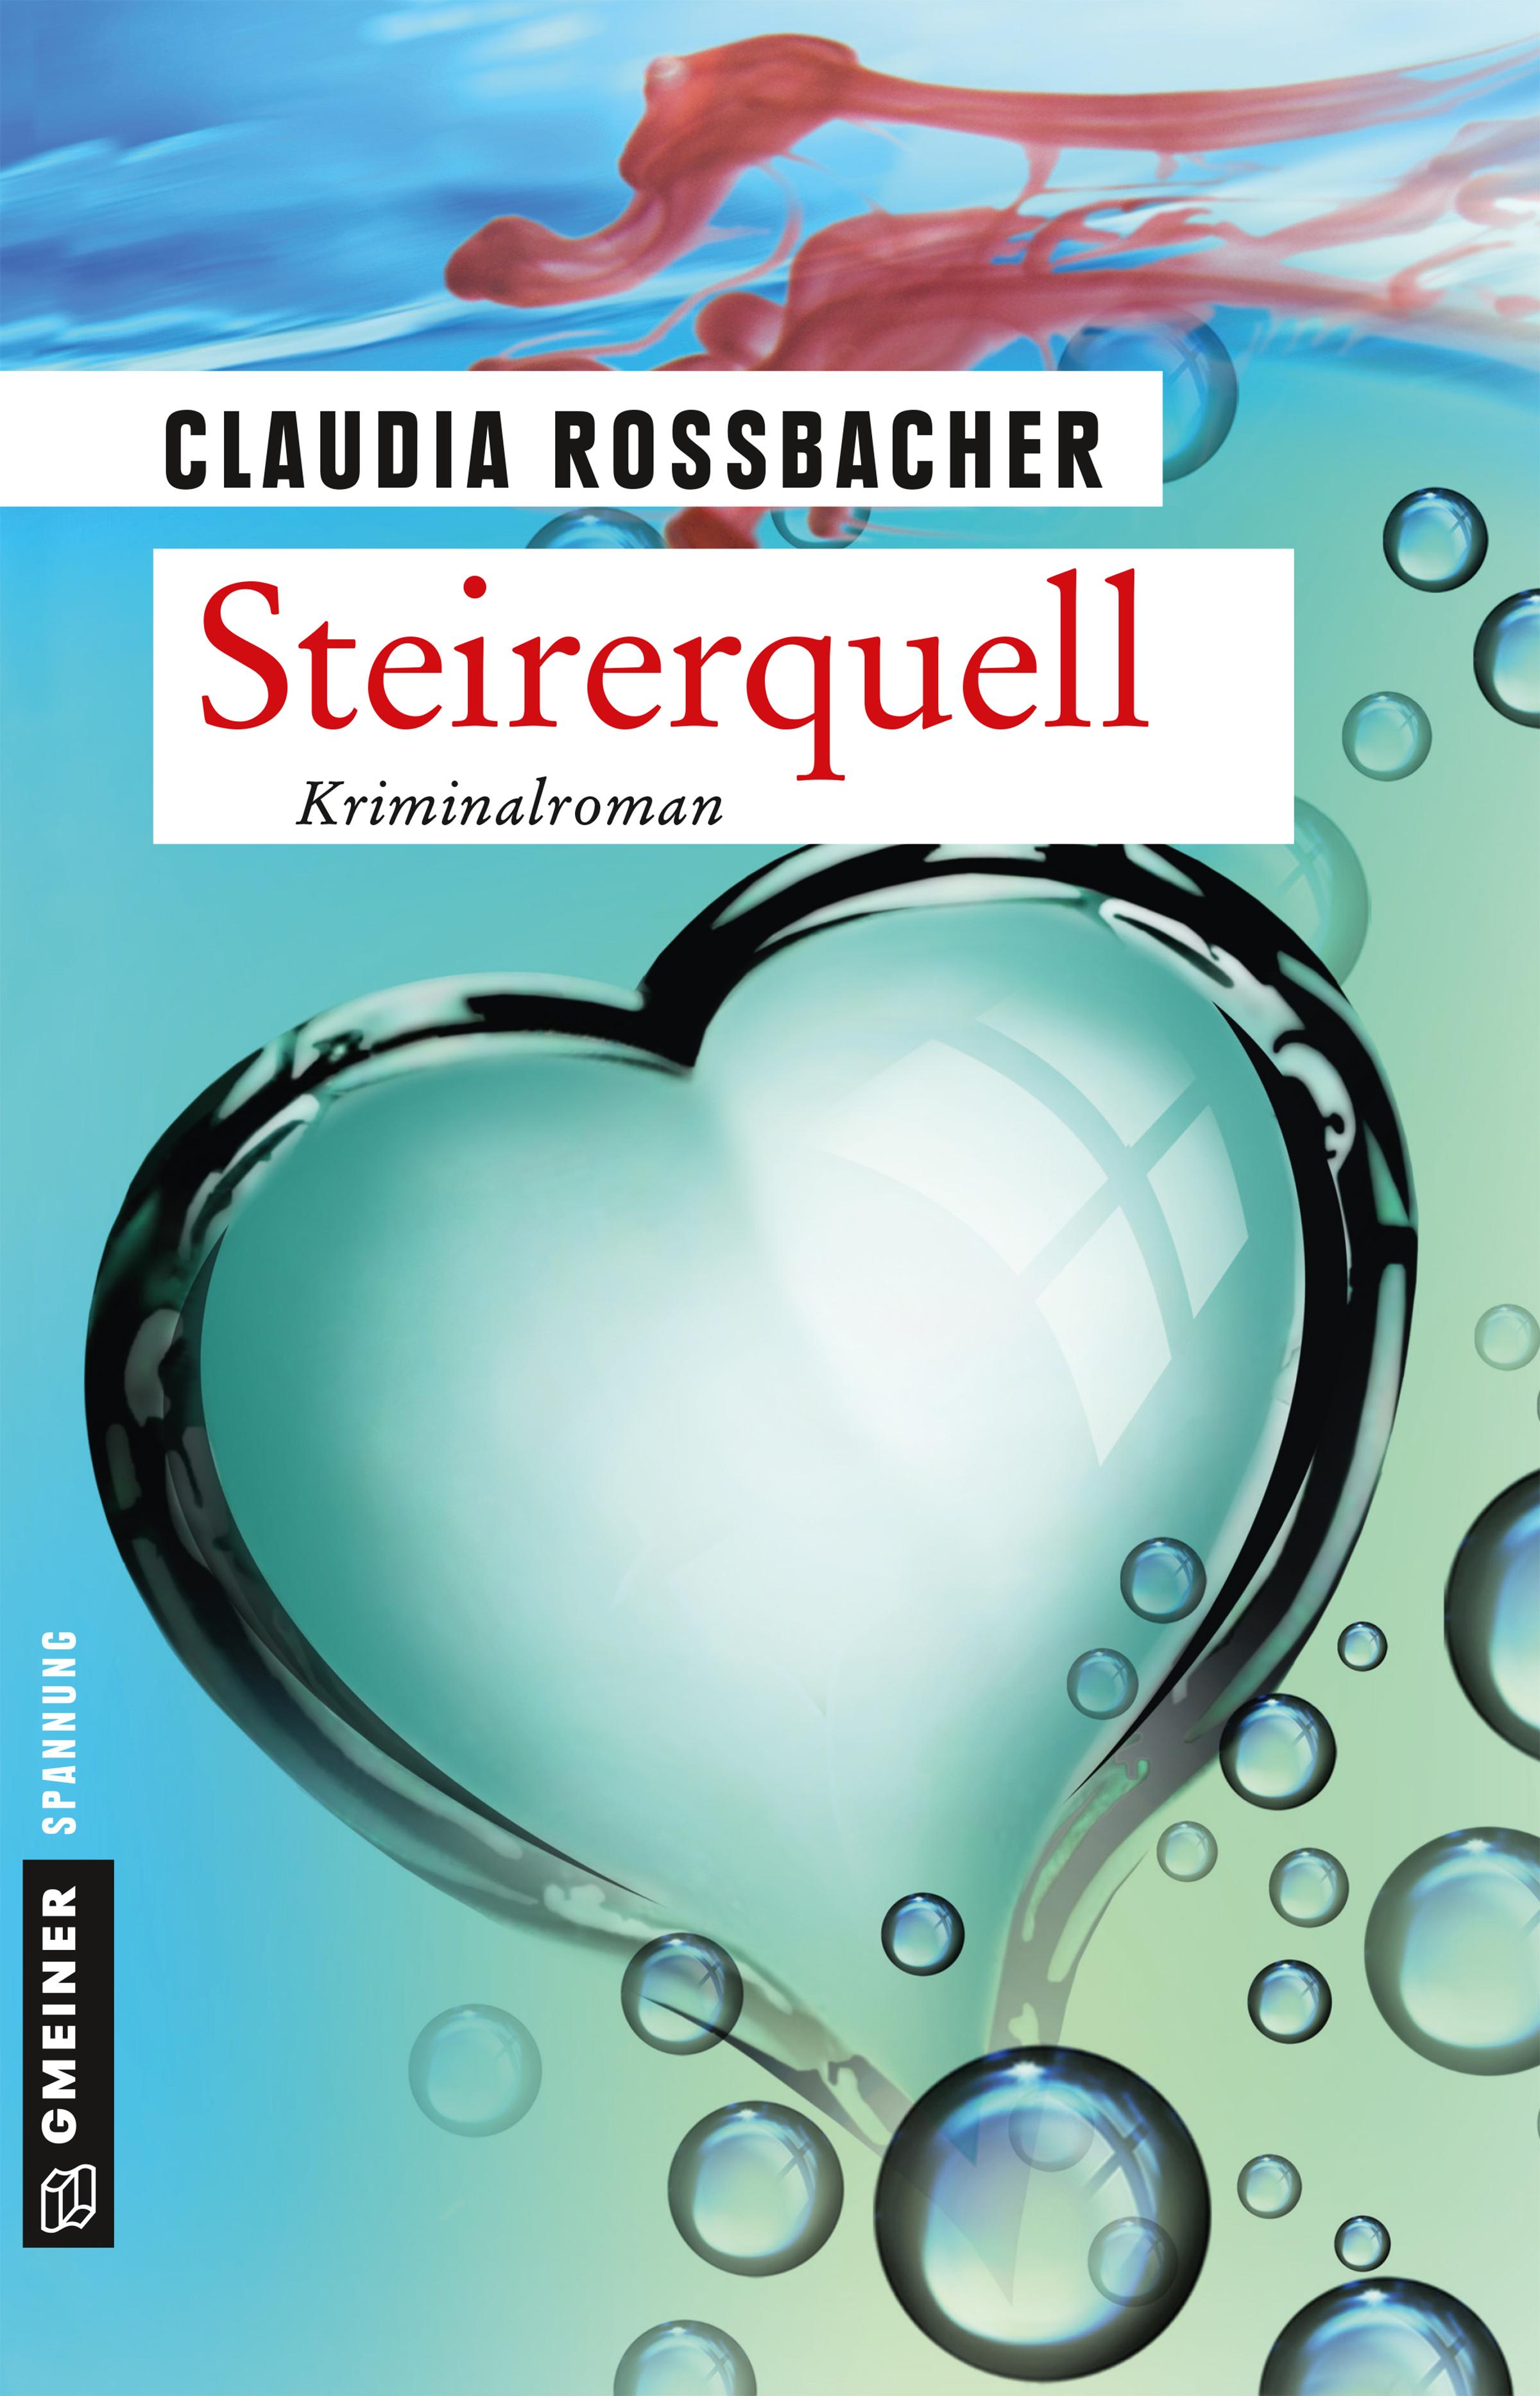 Claudia-Rossbacher-Steirerquell-9783839222652